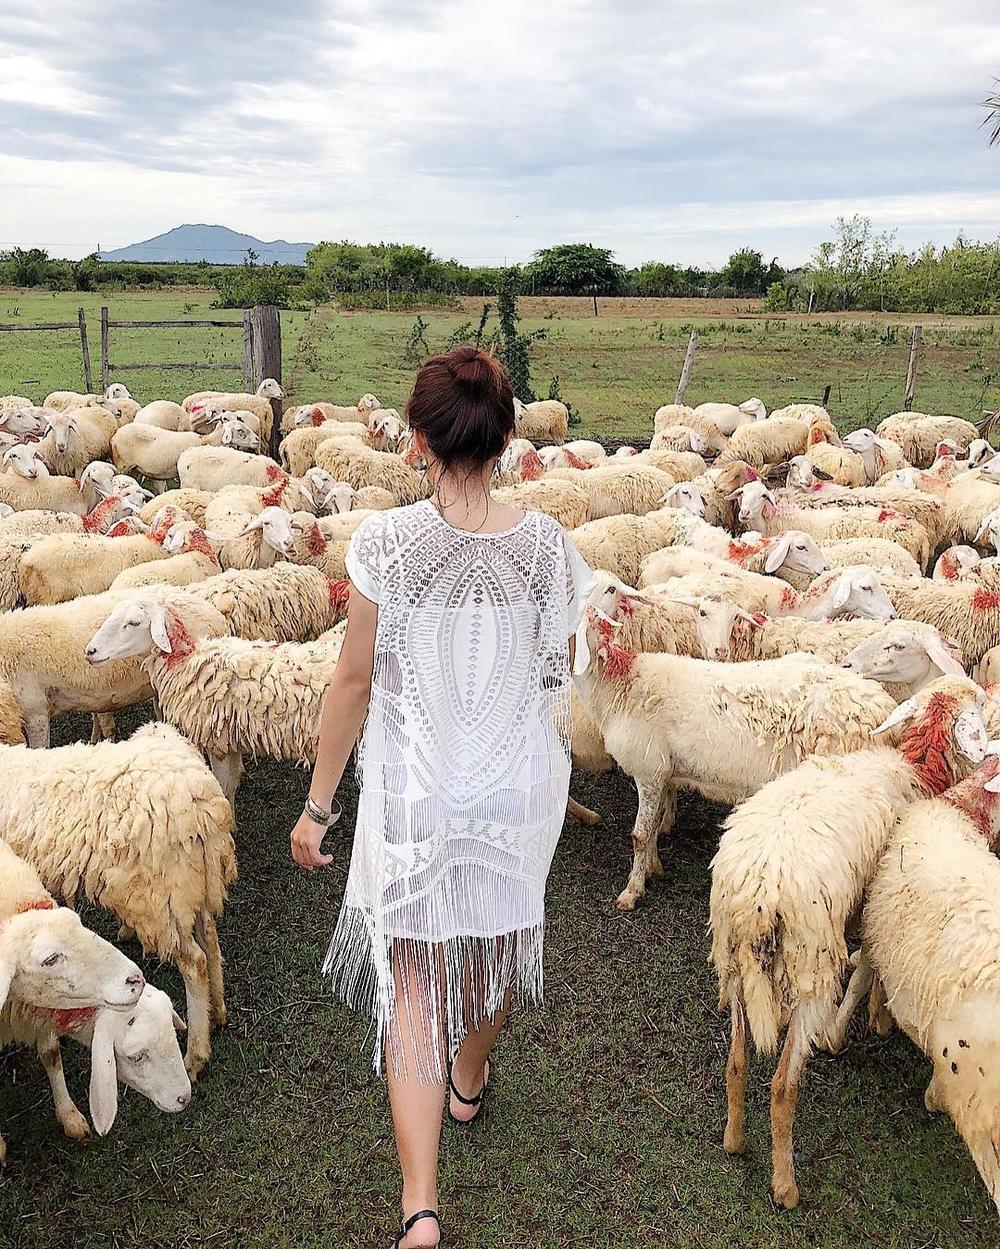 Đồng cừu như trời Tây thu nhỏ ở Khánh Hòa - Phụ Nữ Ngày Nay